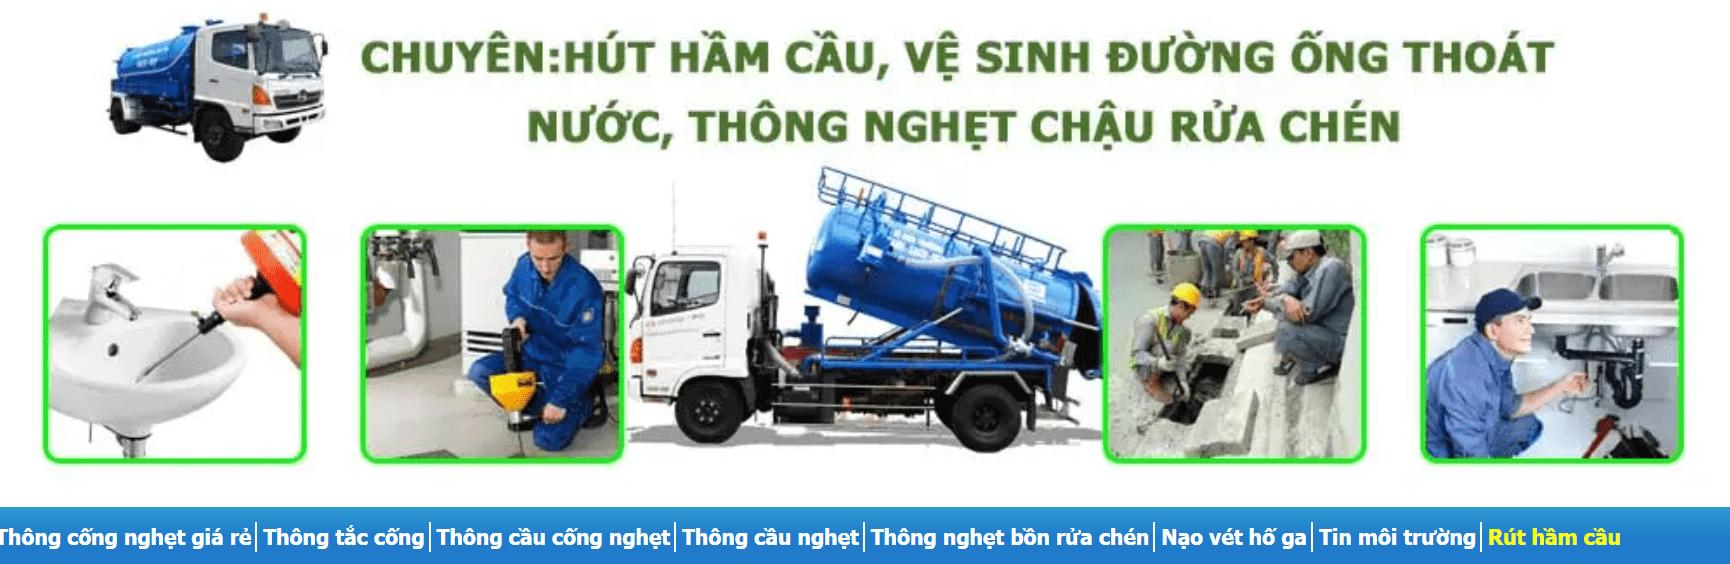 thông tác bồn cầu Sài Gòn